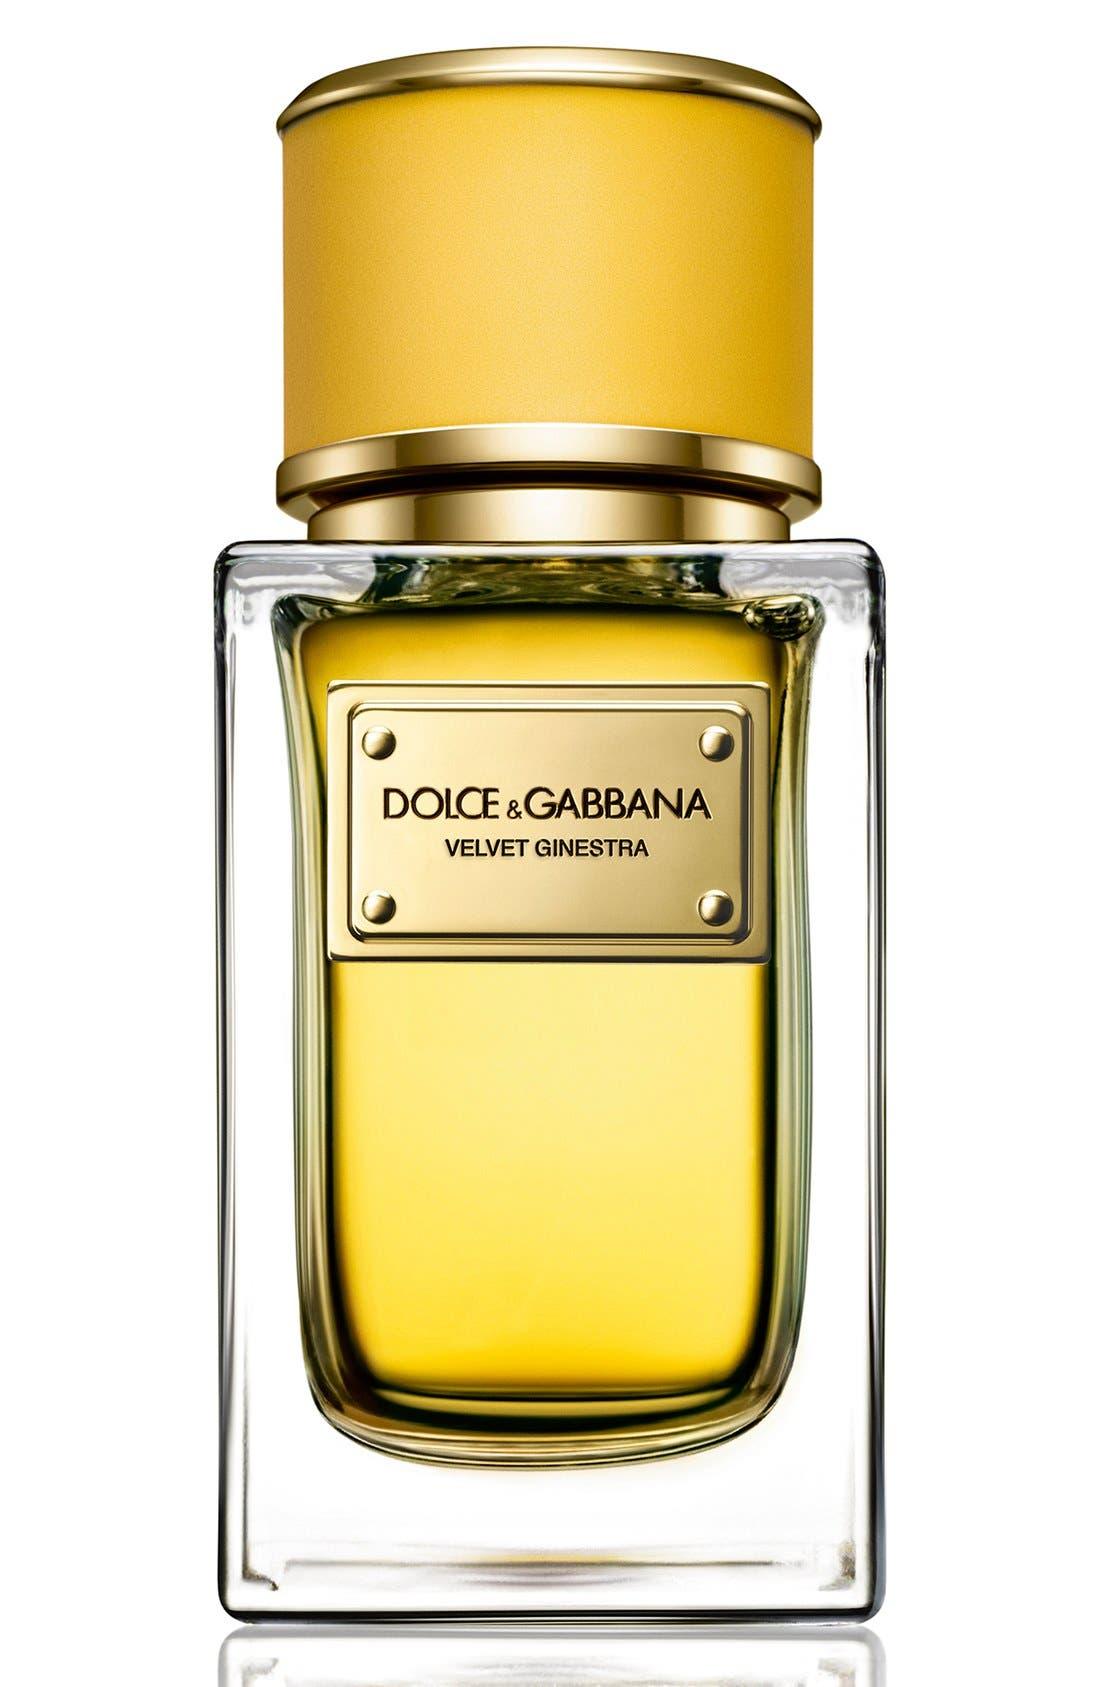 Dolce&Gabbana Beauty 'Velvet Ginestra' Eau de Parfum